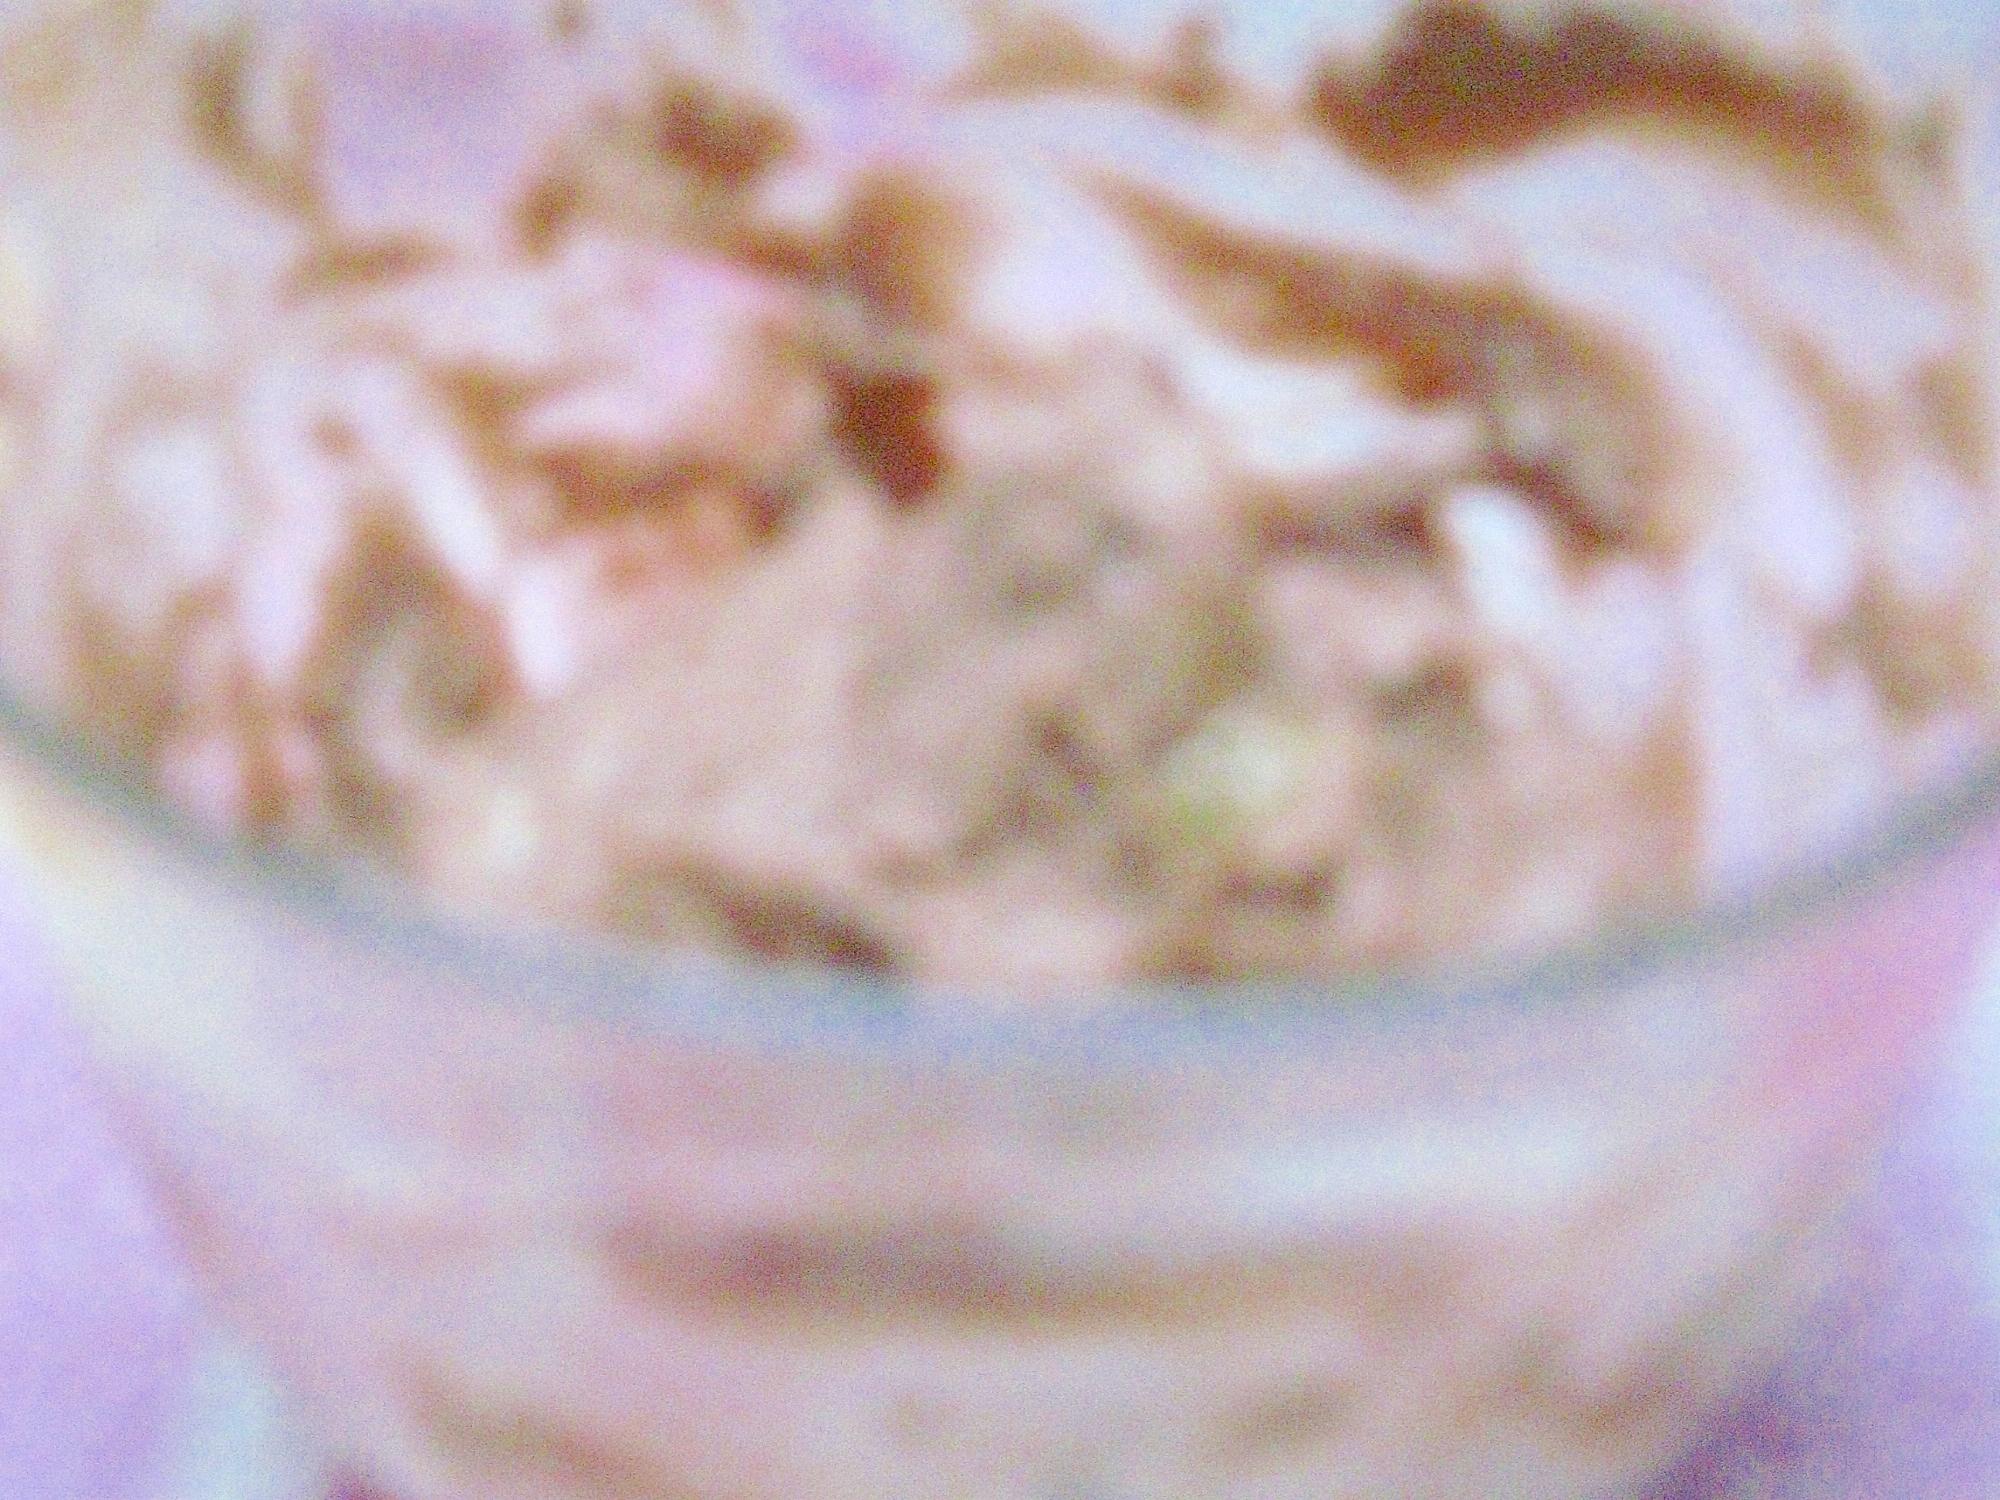 水切りヨーグルトのディップ